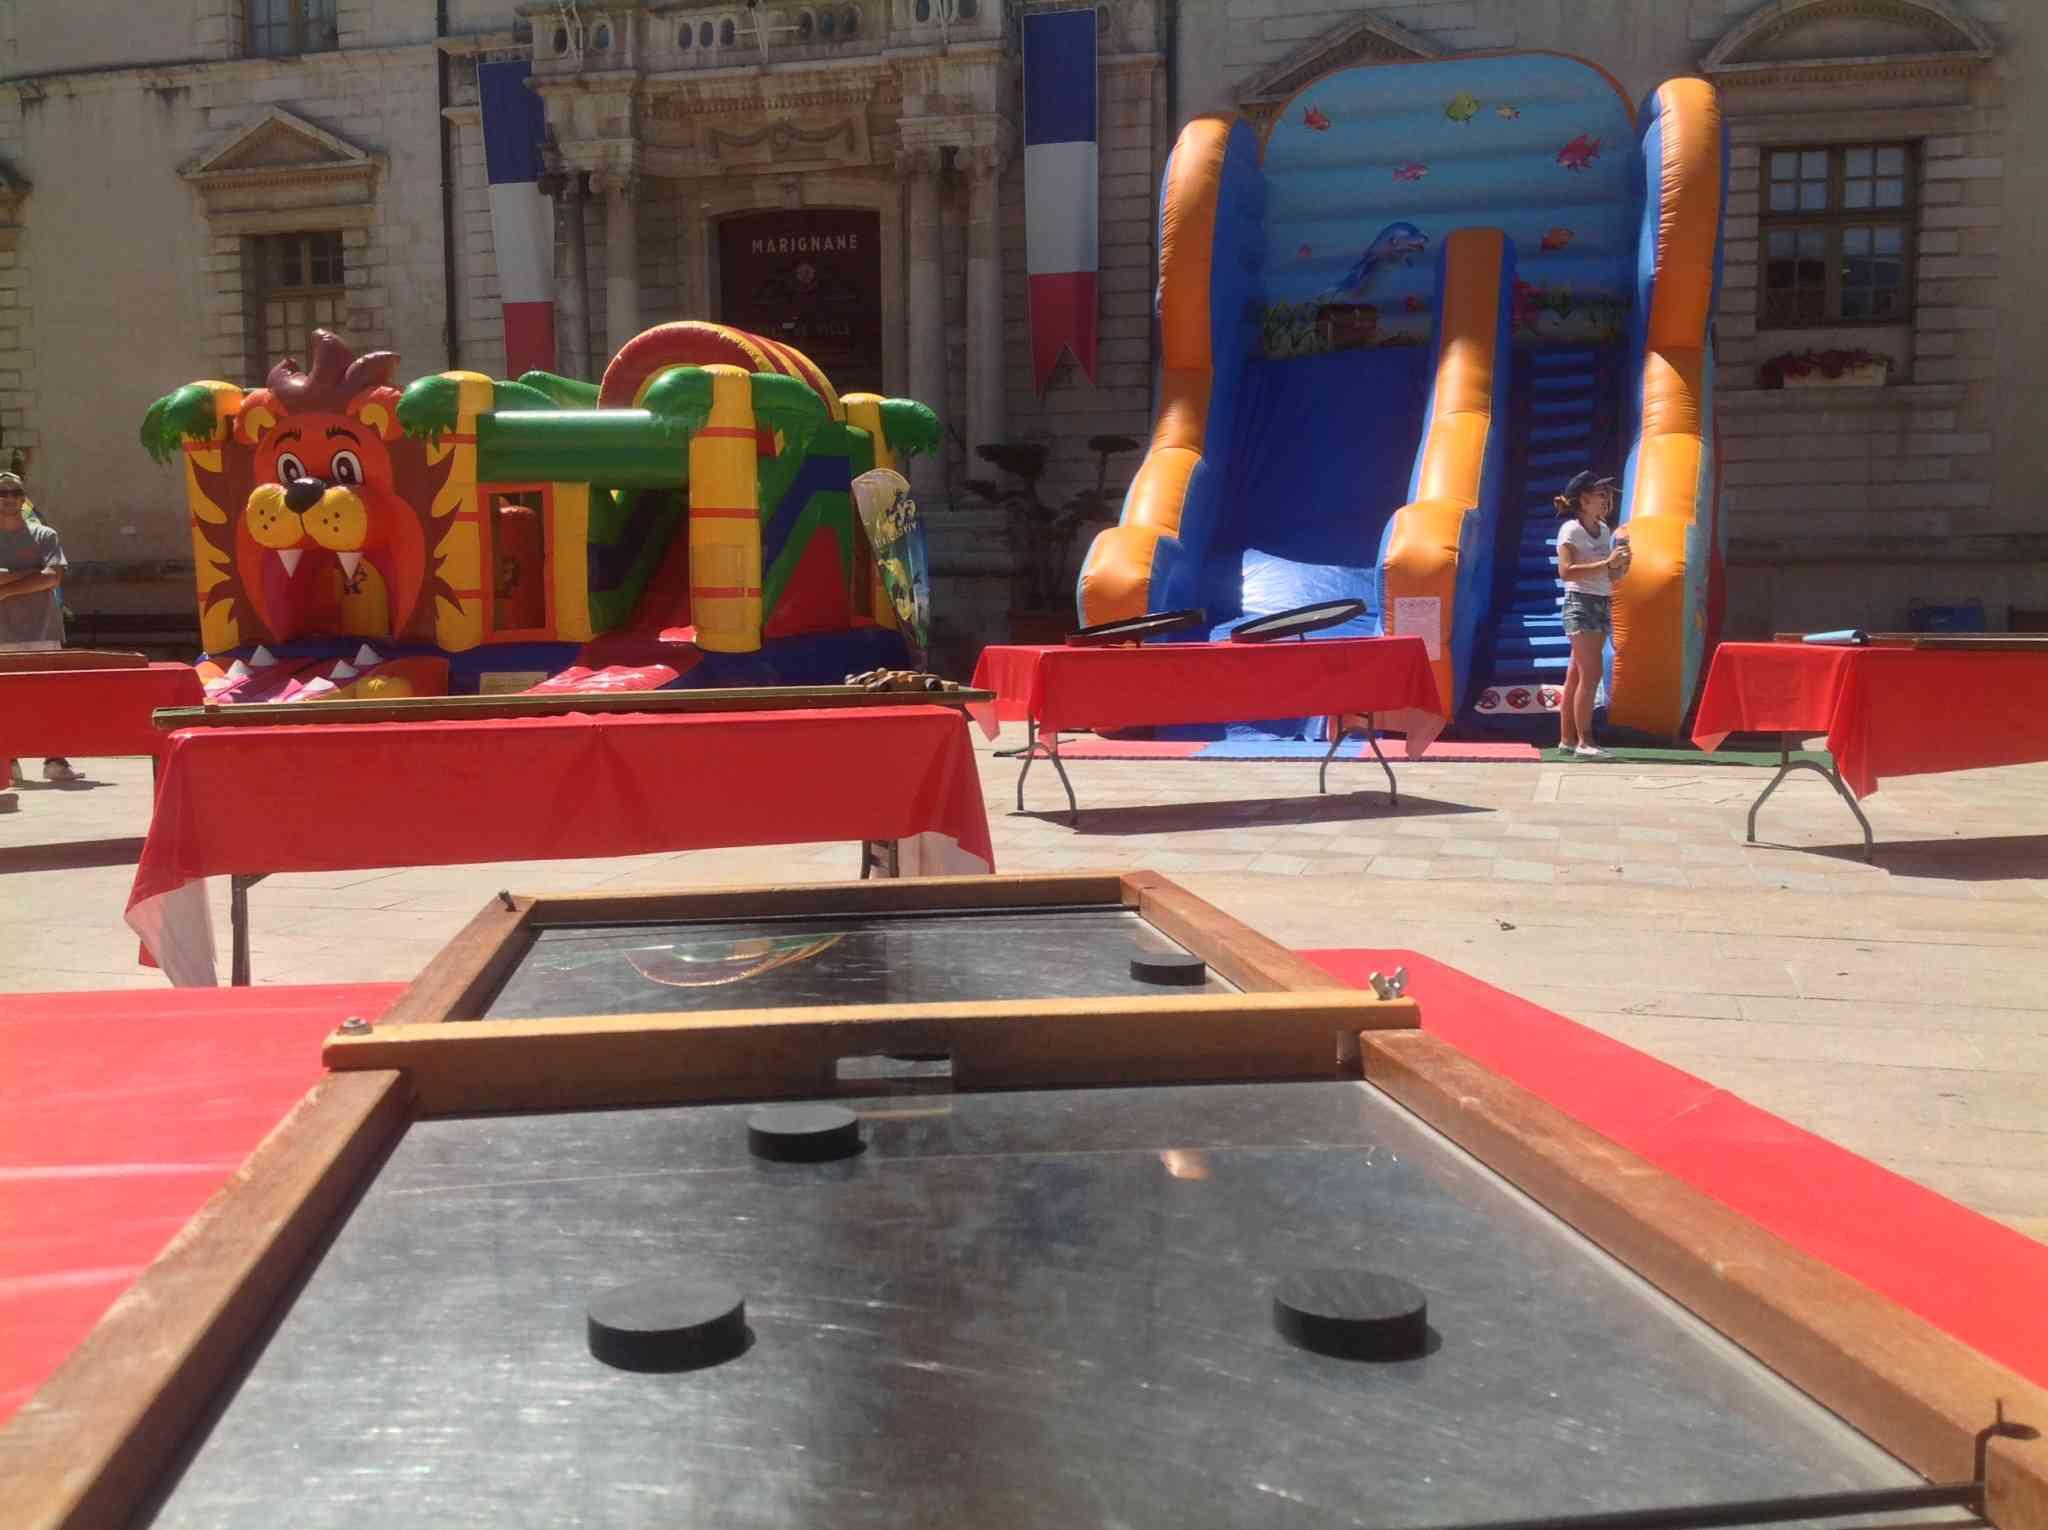 Jeux en bois et structures gonflable pour les enfants